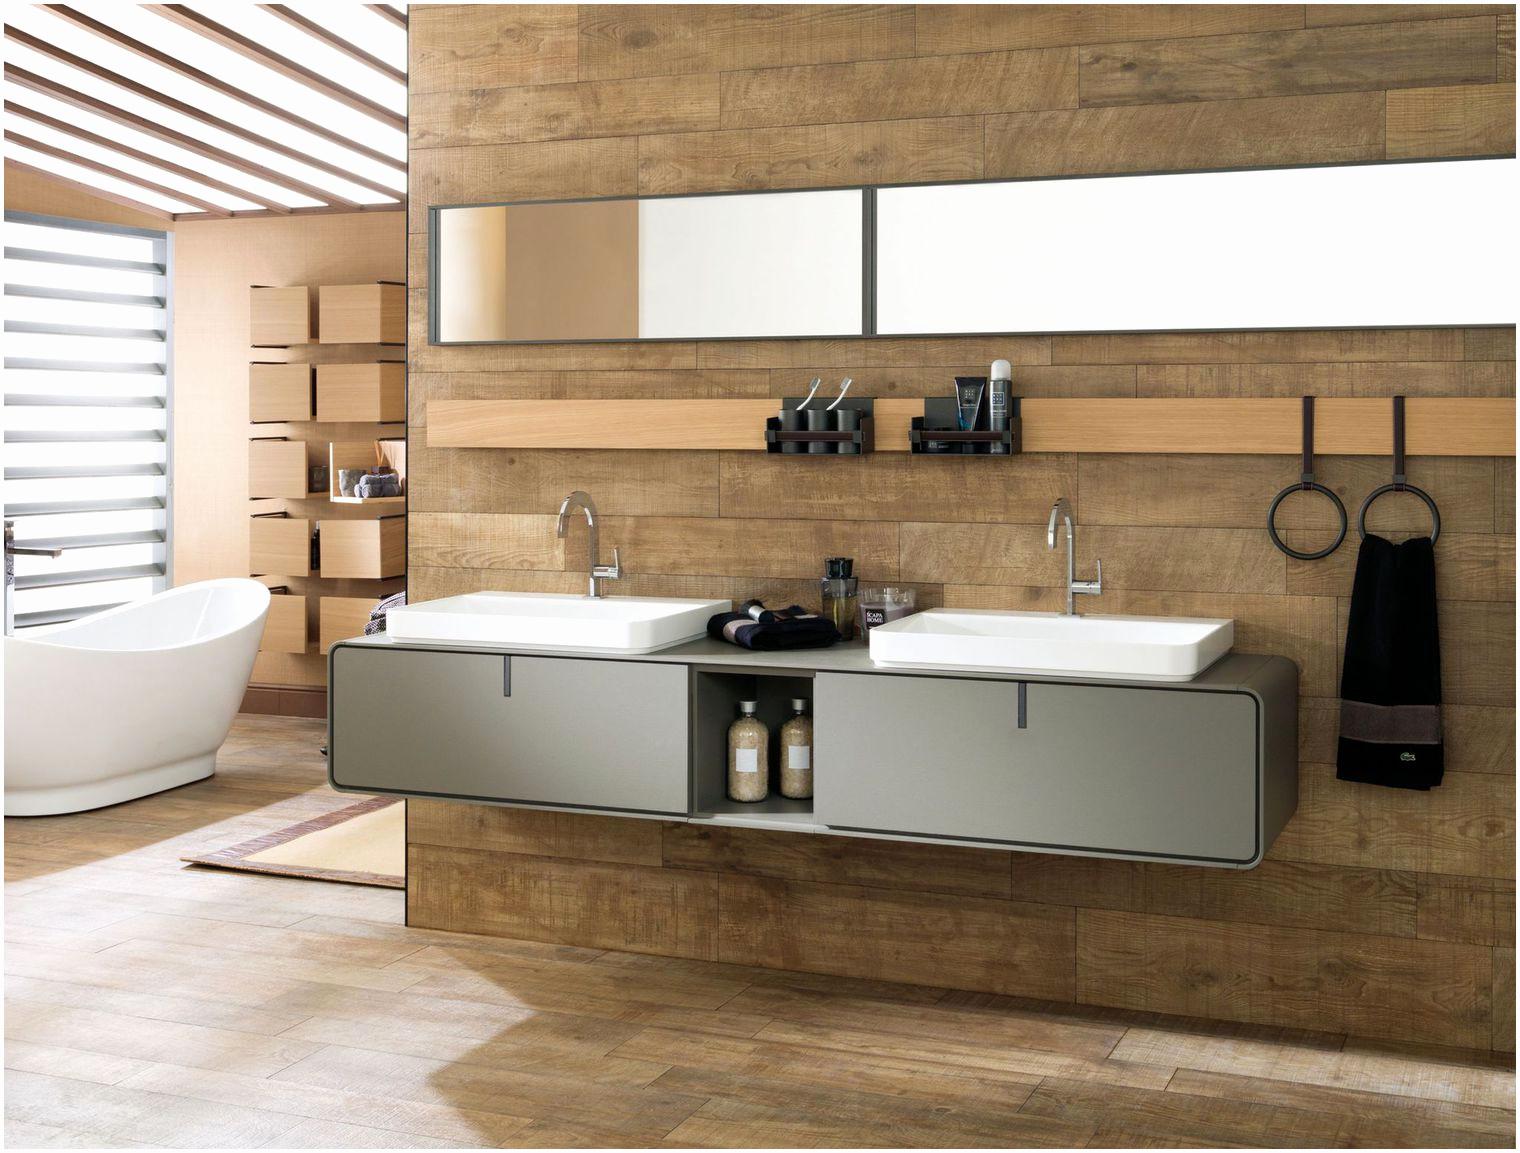 brico depot meuble de salle de bain unique design salle de bain s media cache ak0 pinimg originals 0d 13 65 of brico depot meuble de salle de bain